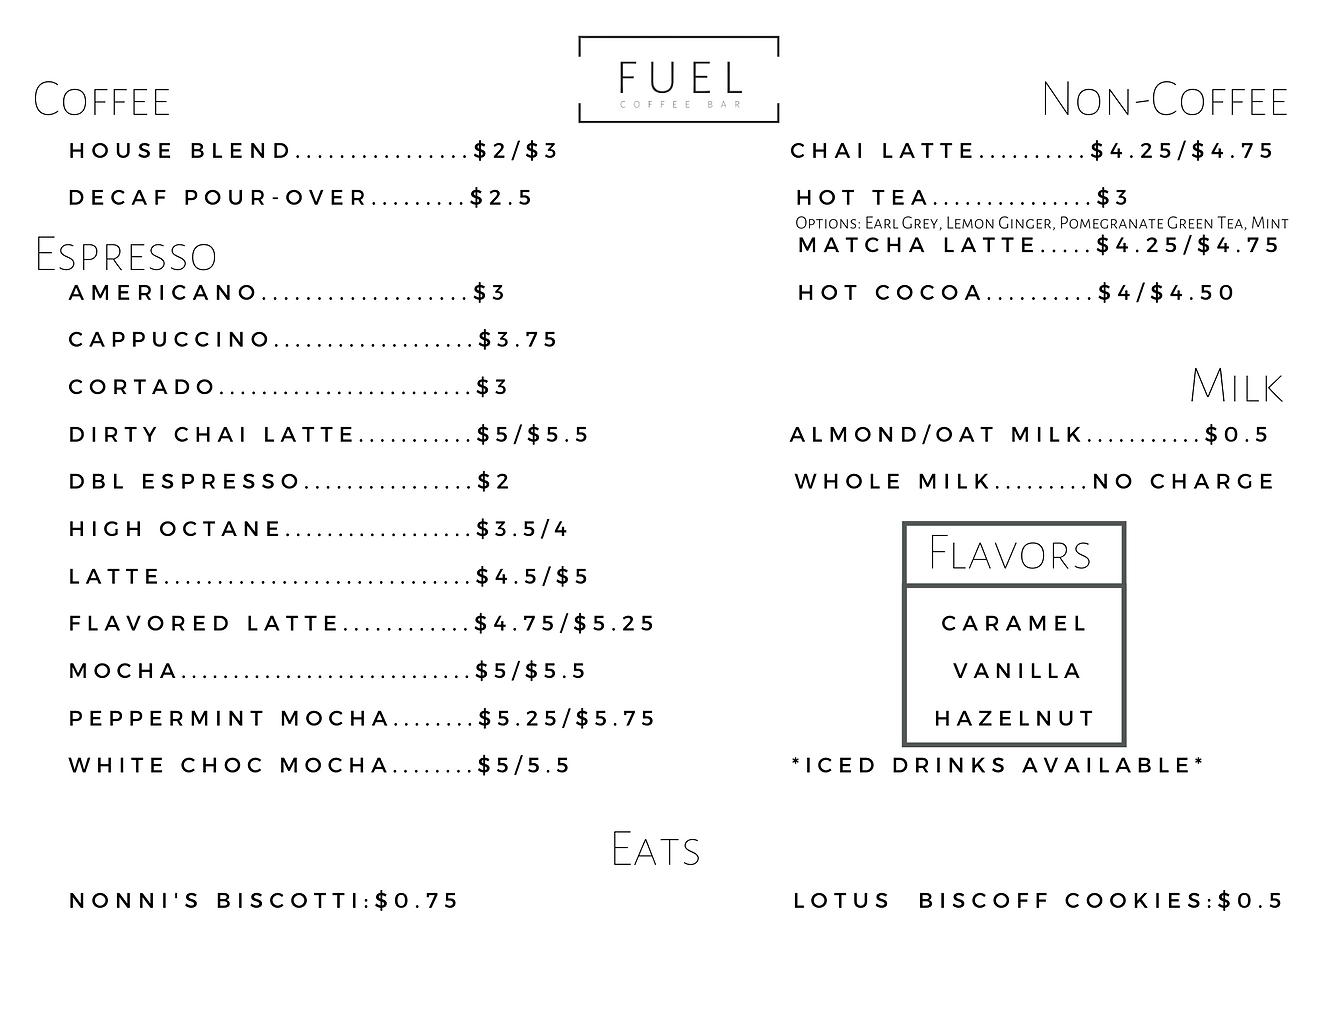 Copy of Fuel Mobile Menu Handout (1).png